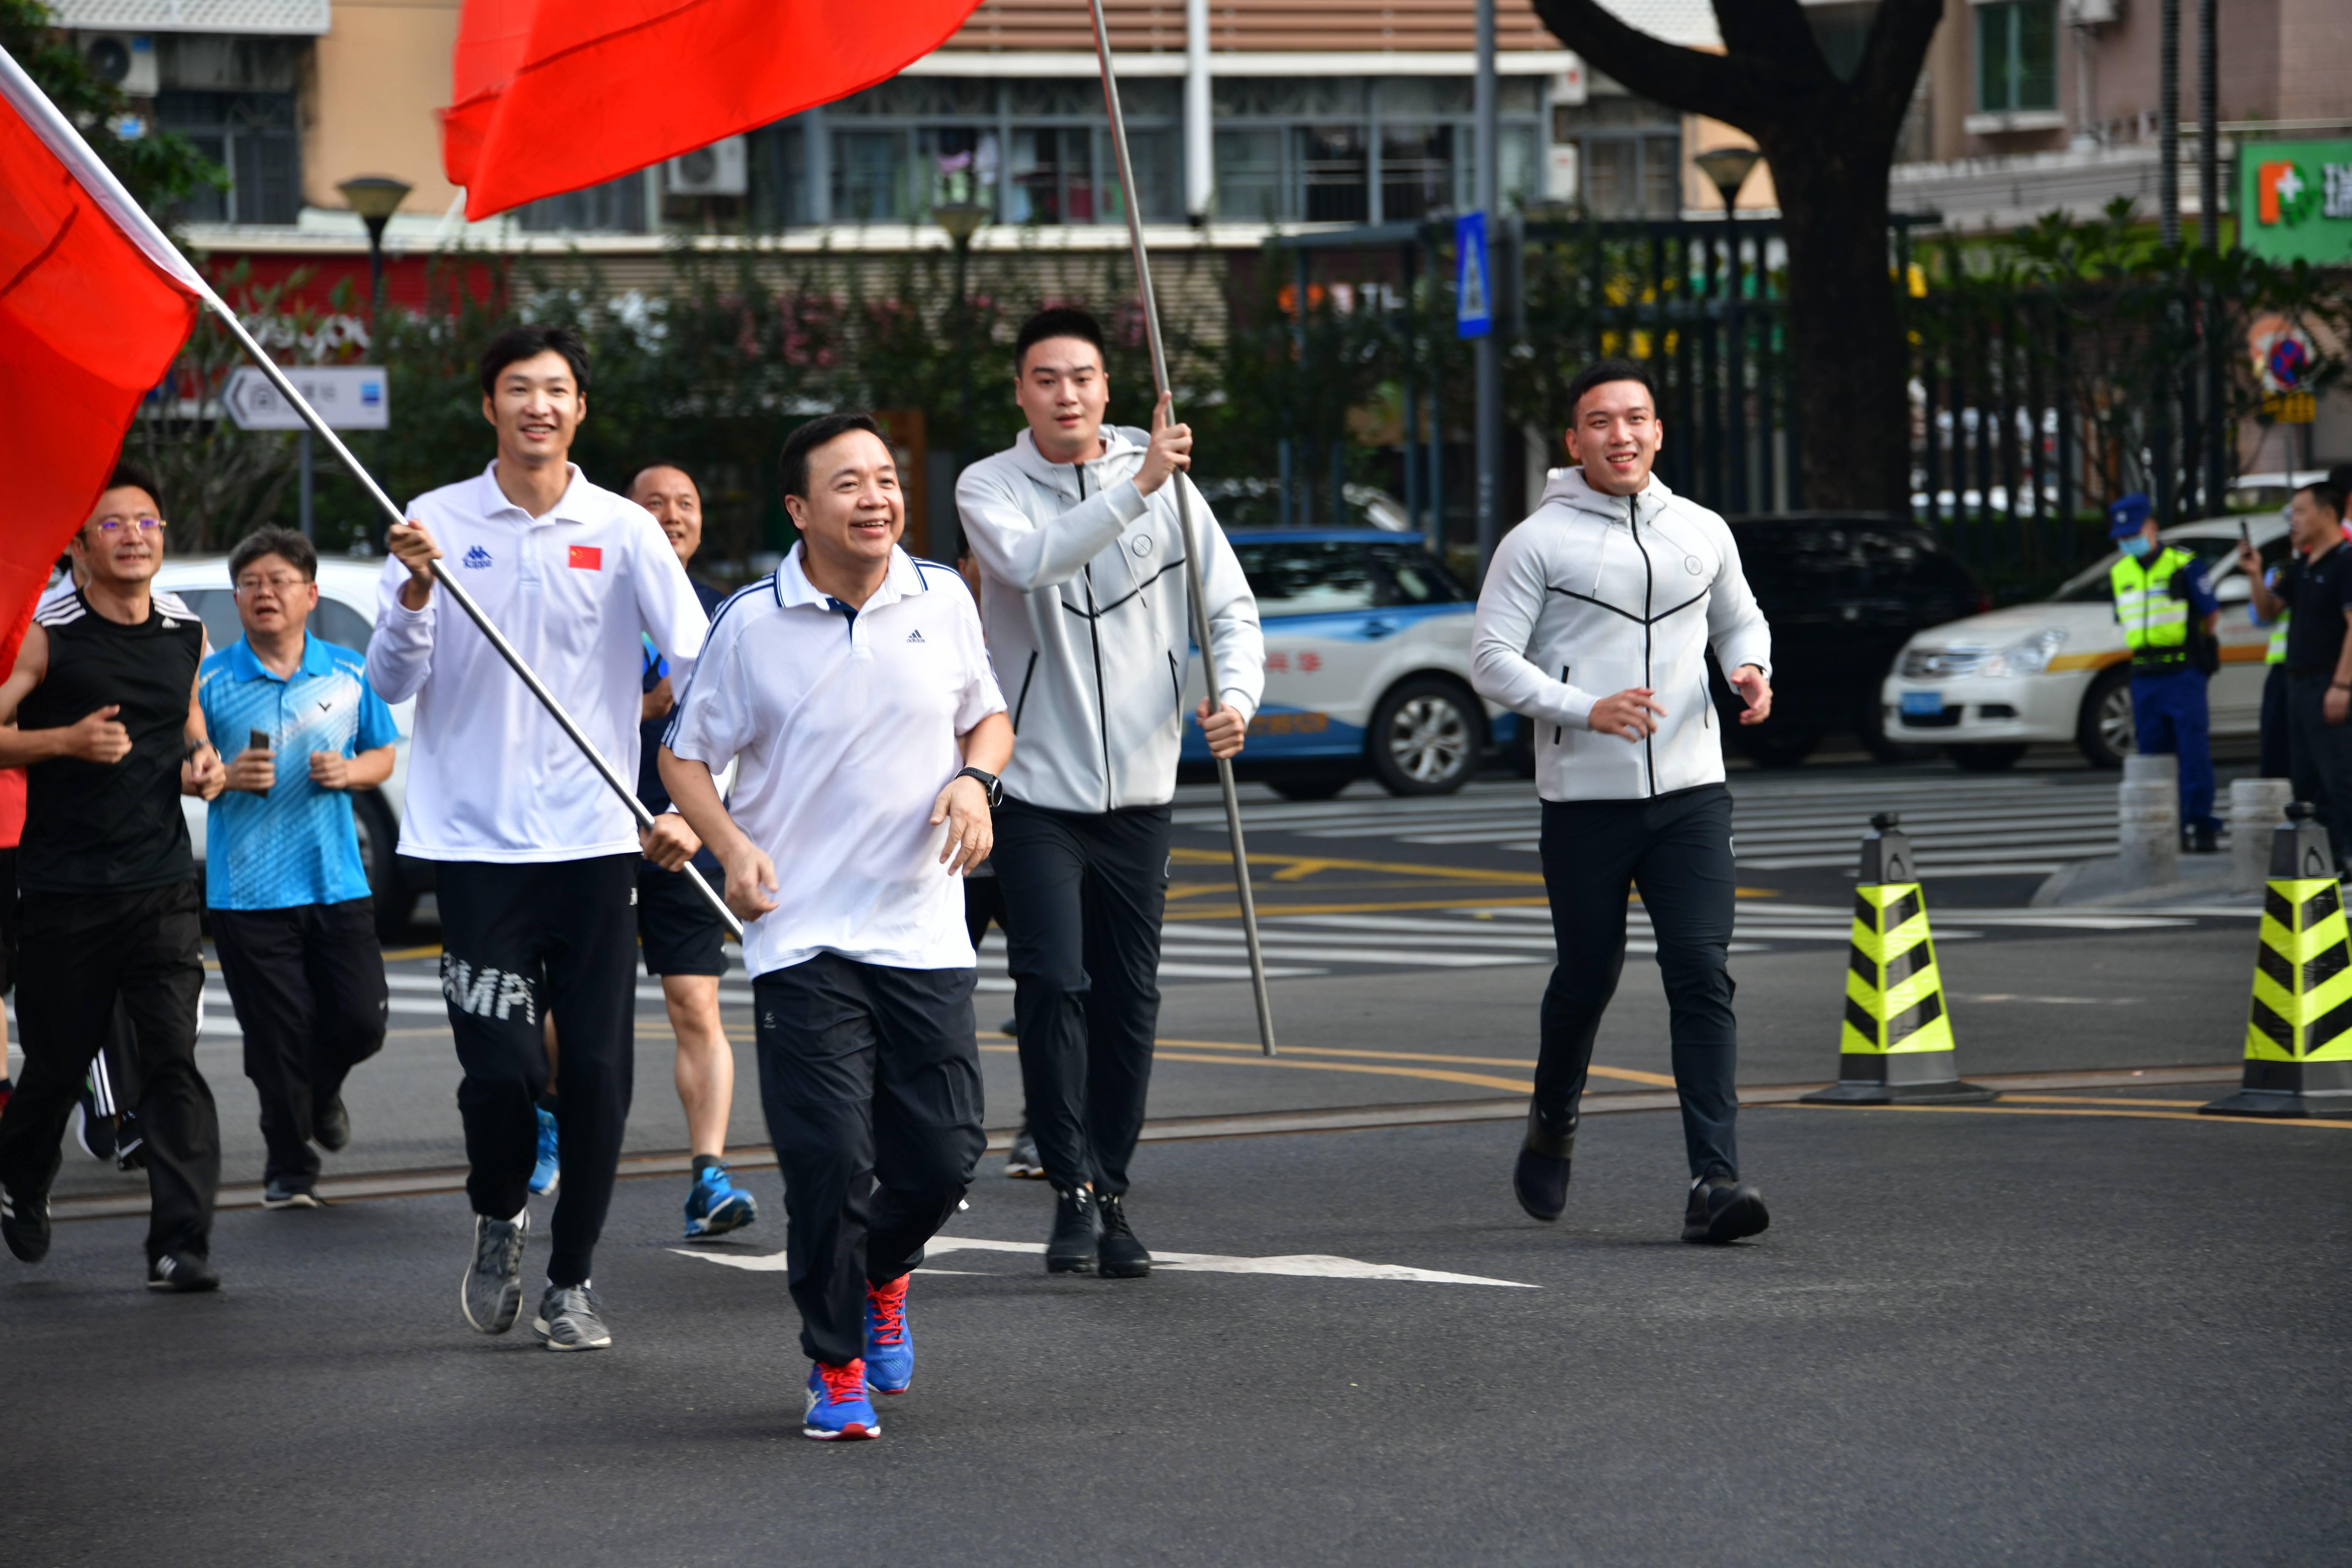 奥运冠军任旗手,深圳第41届市民长跑日福田分会场活动启动